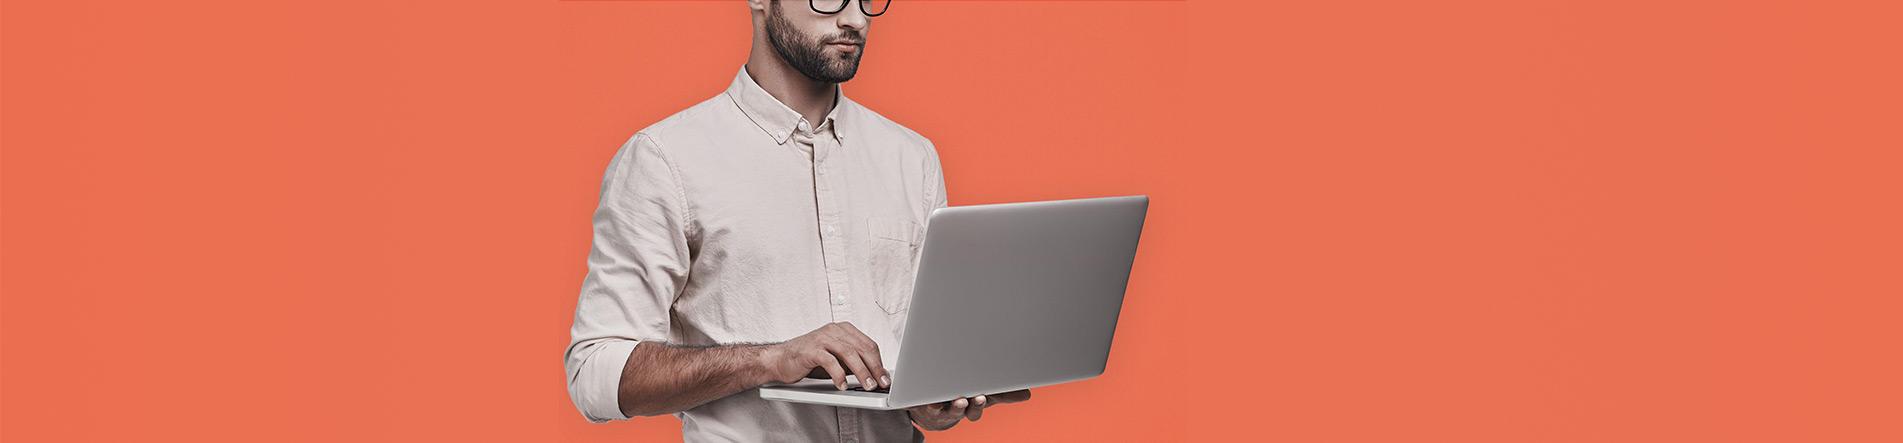 Mann mit Laptop steht vor einem roten Hintergrund.